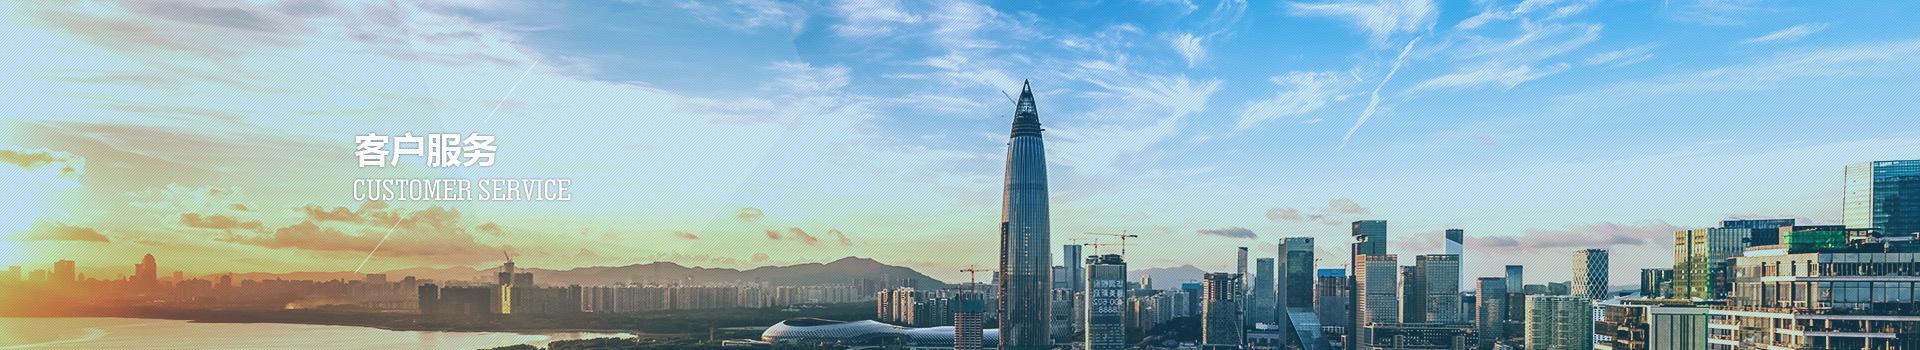 技术支持,深圳市亿立方生物技术有限公司